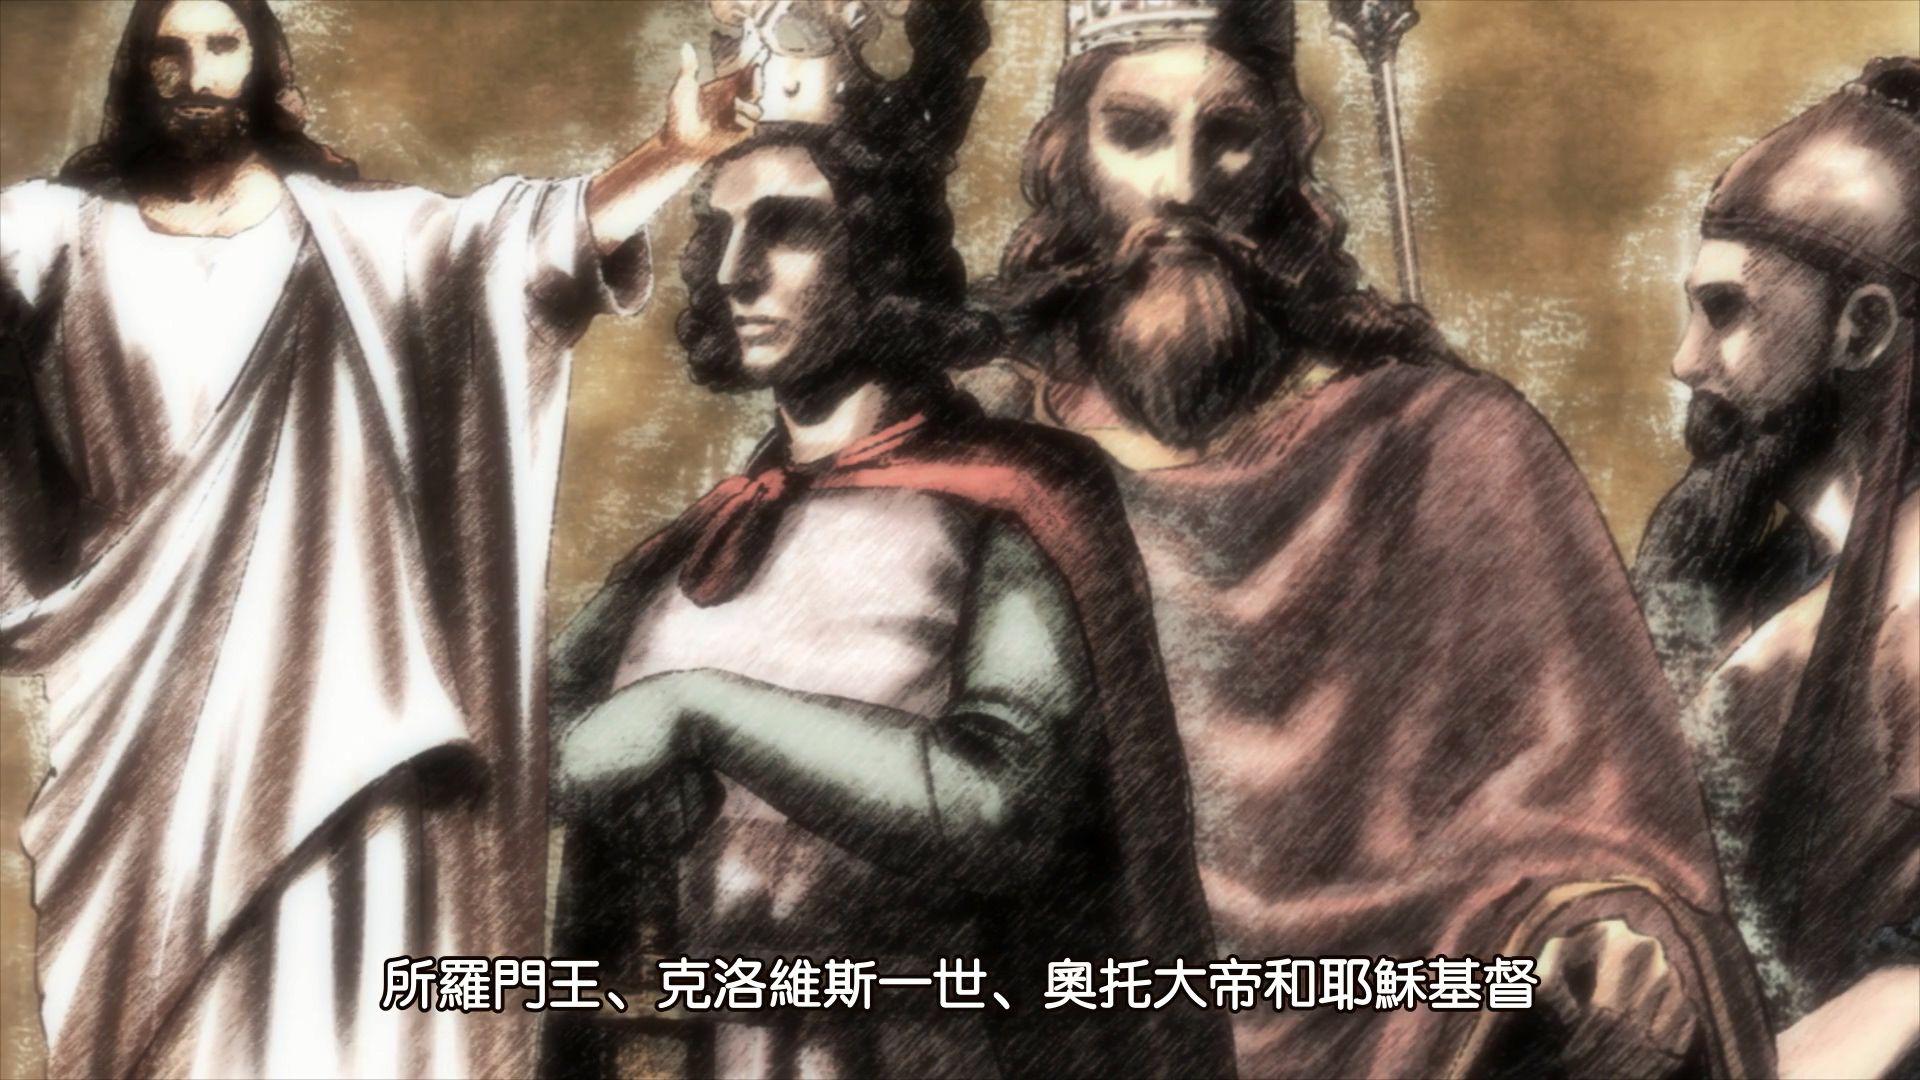 图19-2 用贤者之石达成伟业的伟人都有这个称号